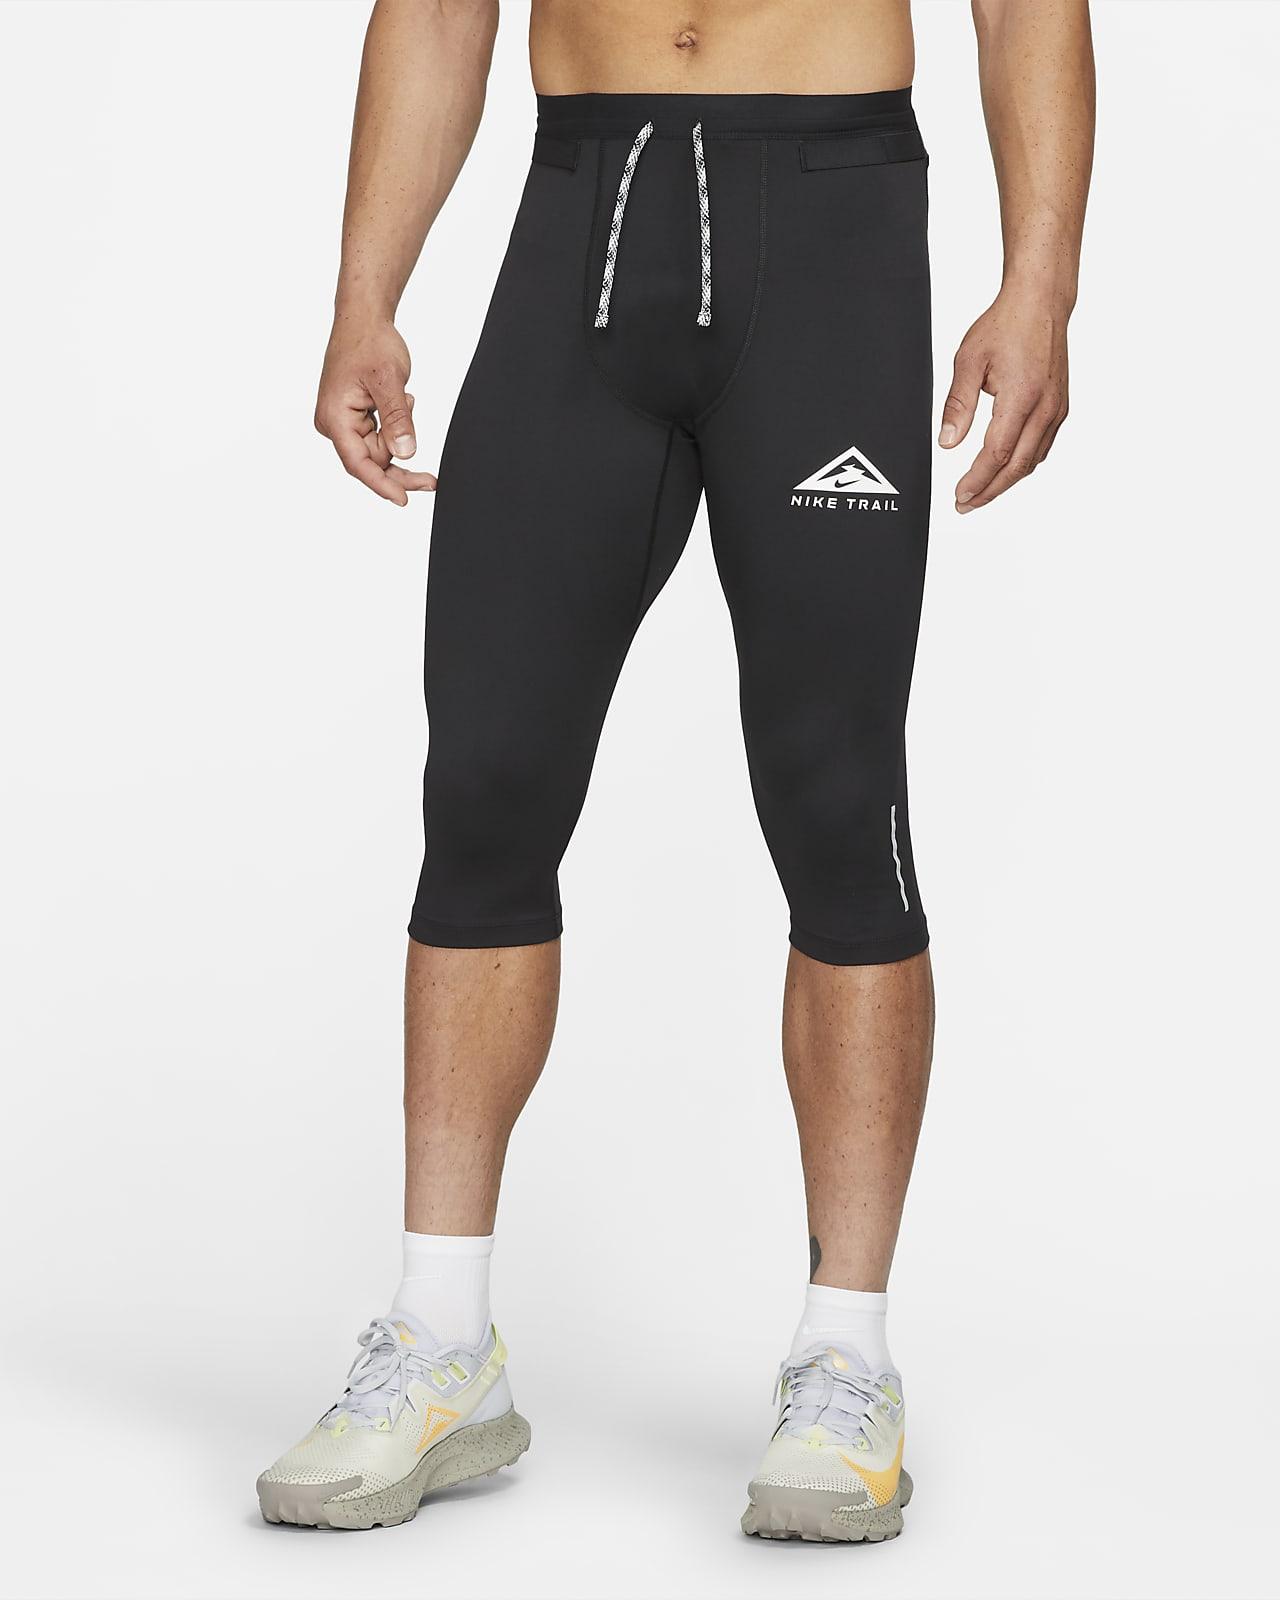 Pánské tříčtvrteční legíny Nike Dri-FIT na terénní běh